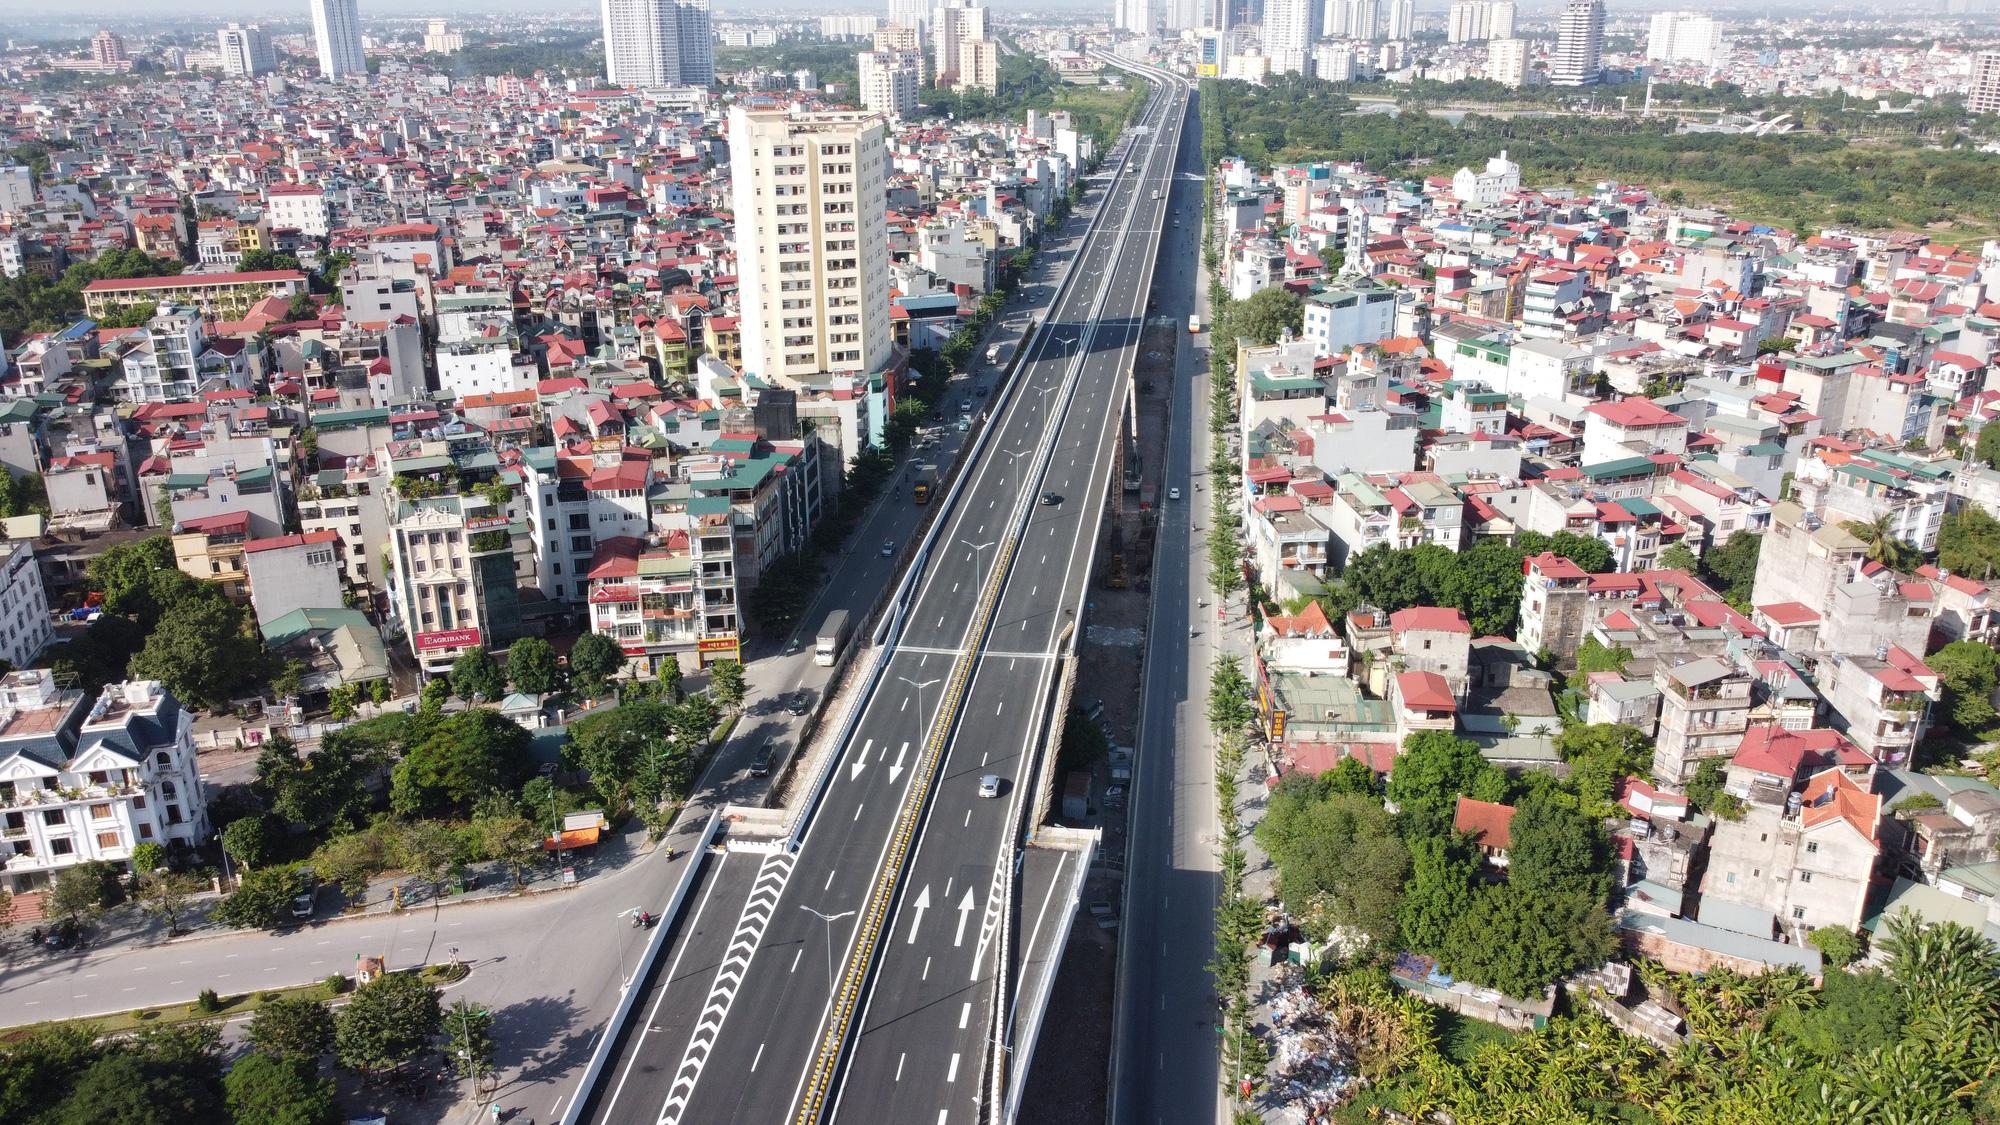 Hà Nội chi hơn 83.000 tỷ đồng vào 255 dự án giao thông, đầu tư nhiều tuyến vành đai và cầu - Ảnh 1.